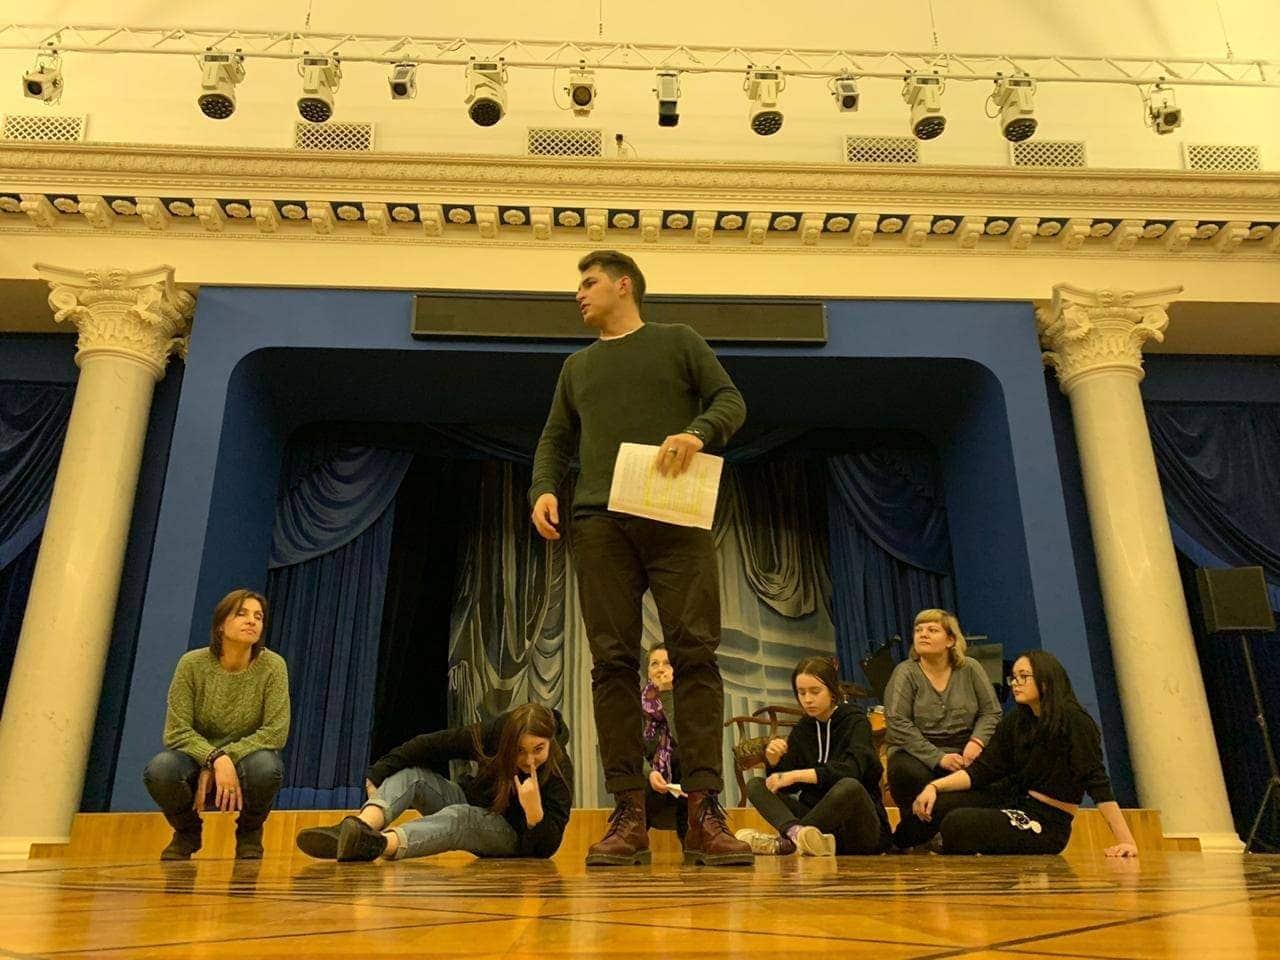 6 марта 2020 года в Белоколонном зале княгини Шаховской театра «Геликон-опера» покажут музыкальный спектакль «Маленький принц», подготовленный участниками проекта «Театротерапия».